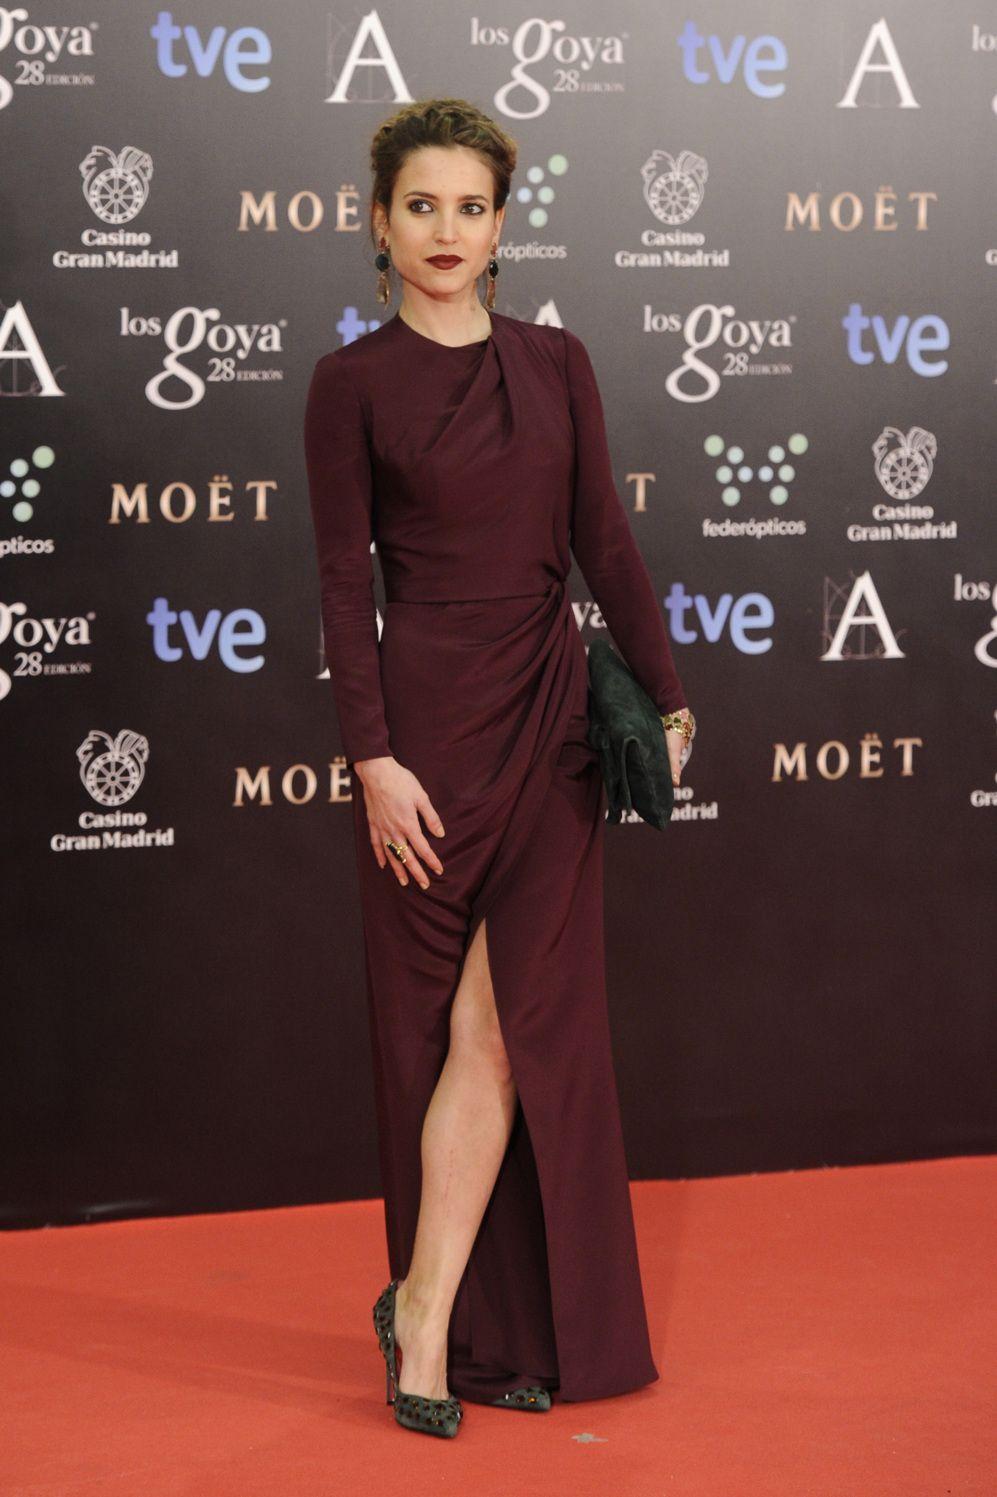 La Alfombra Roja La Actriz Ana Fernández Premios Goya El Mundo Moda Vestidos Alta Costura Mejores Vestidos De Fiesta